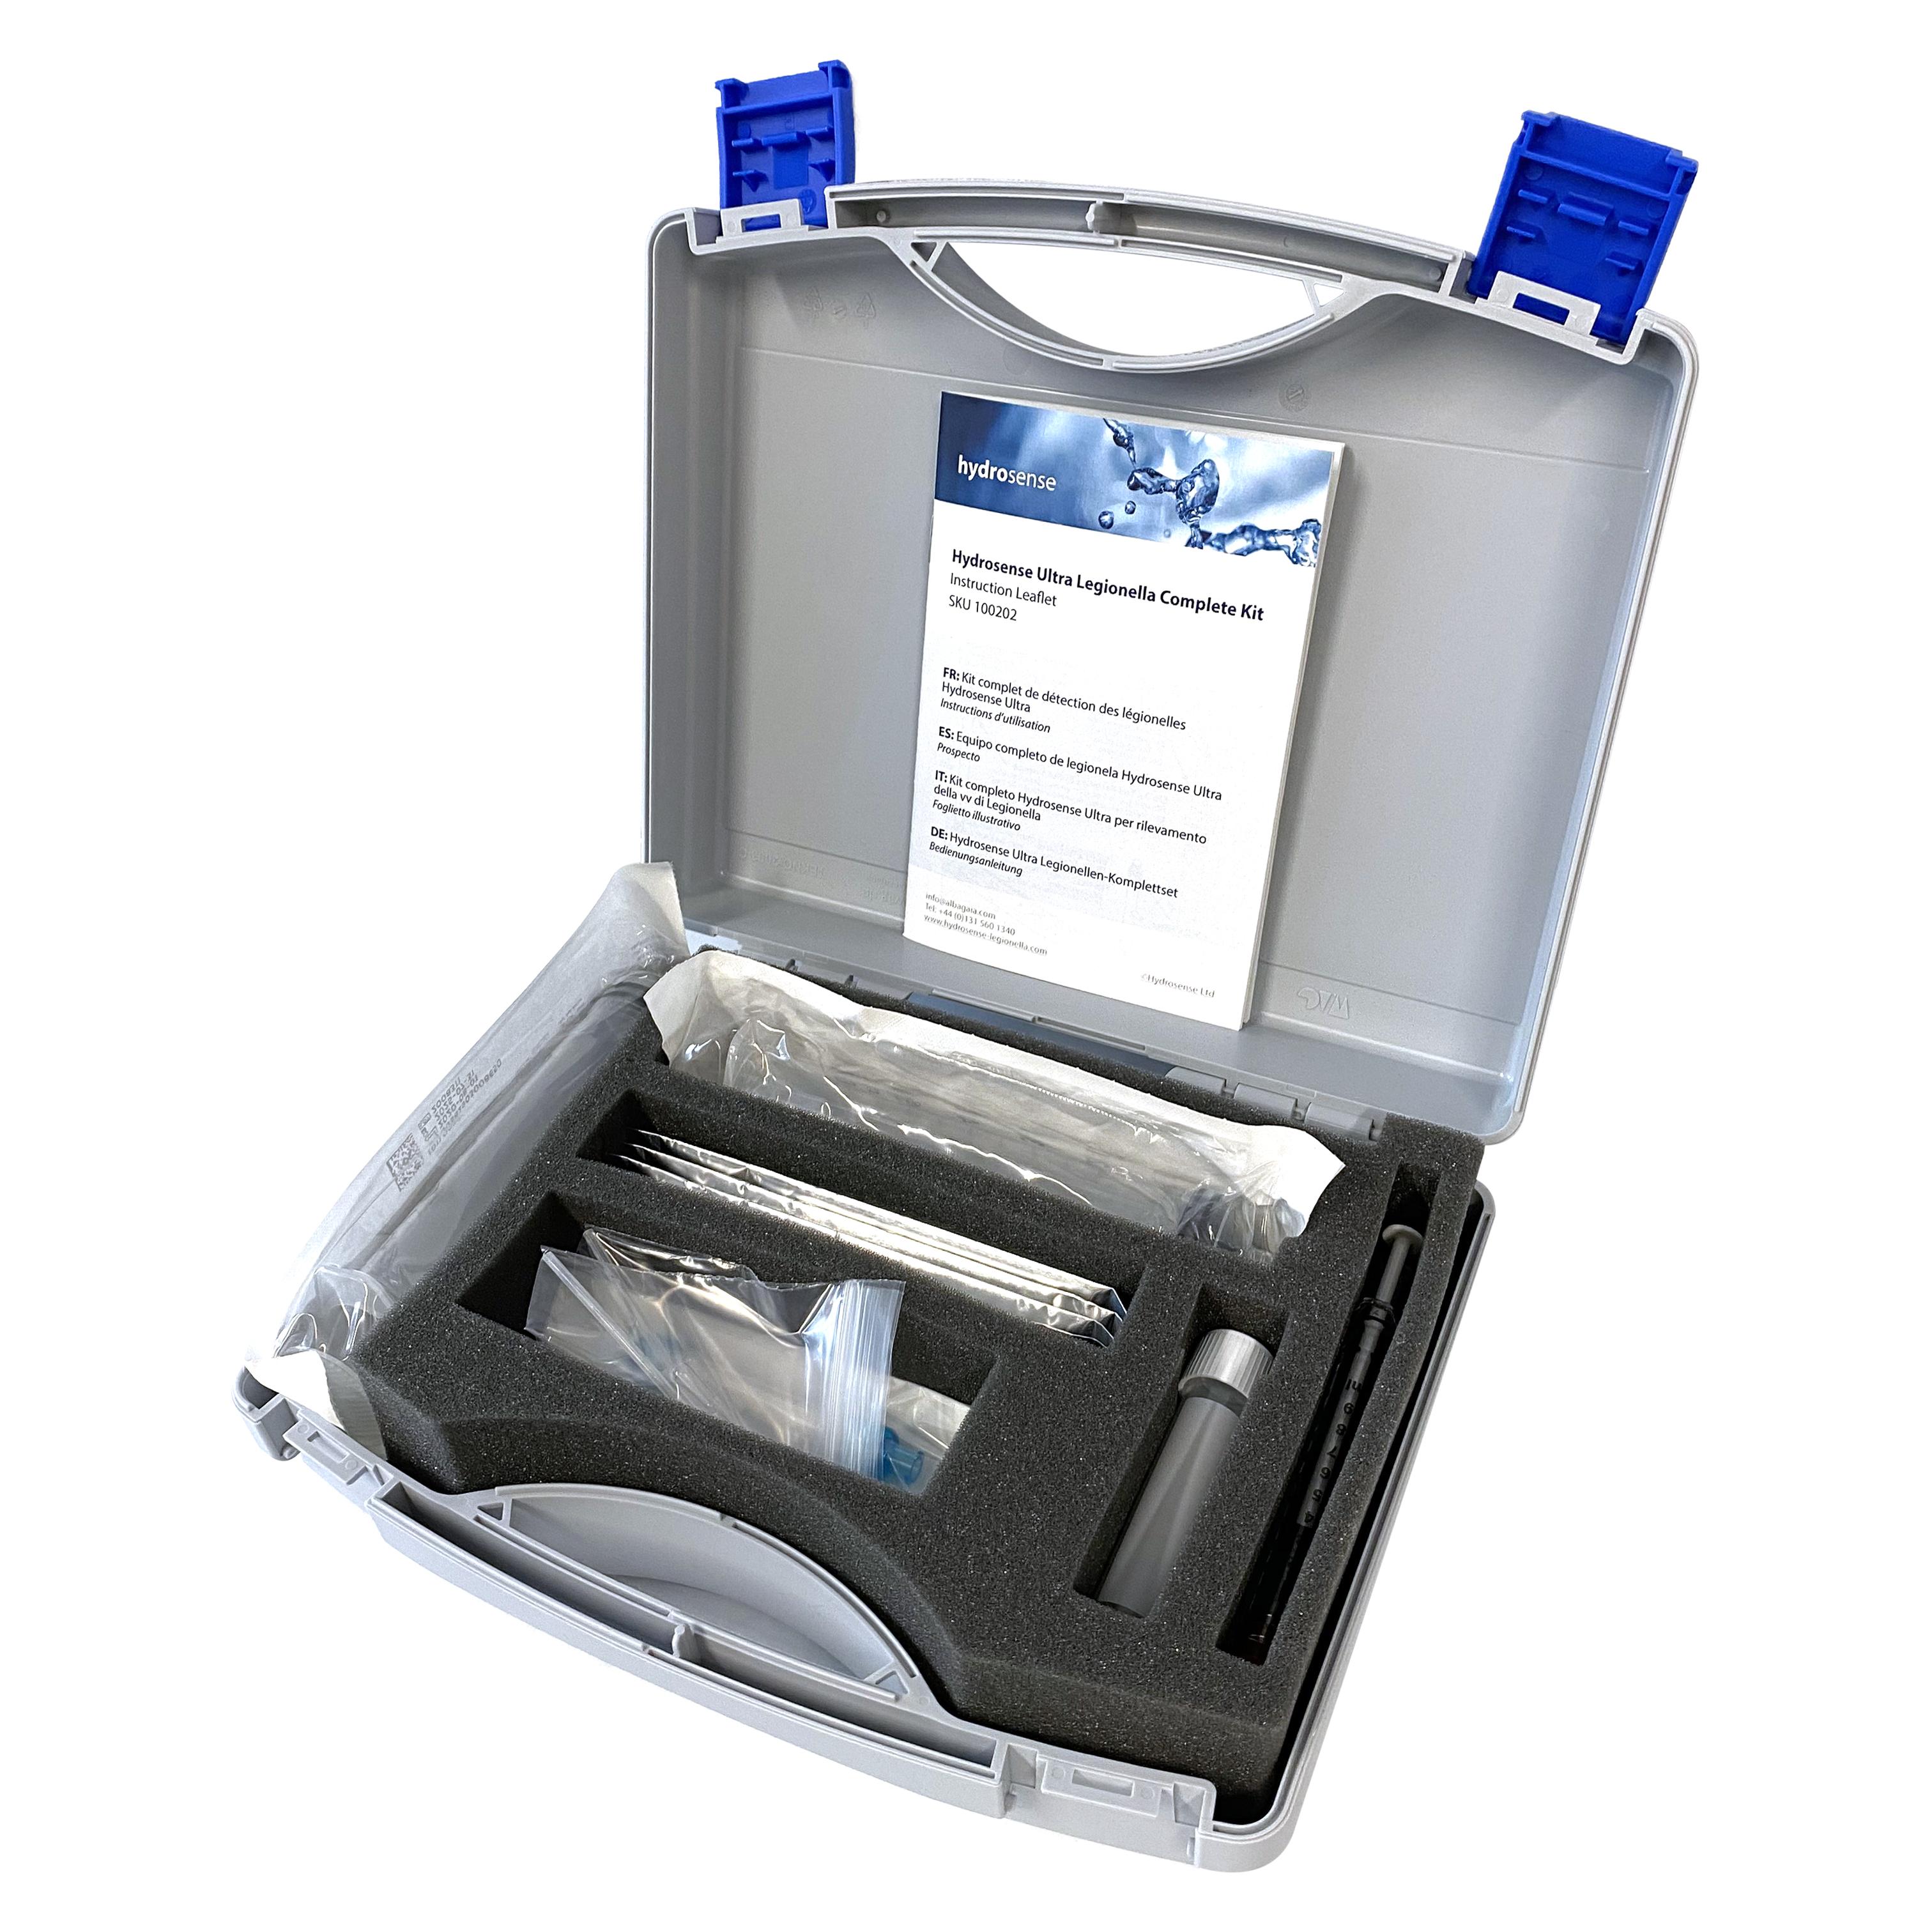 Hydrosense Multi Legionella Complete Kit Opne White B 4